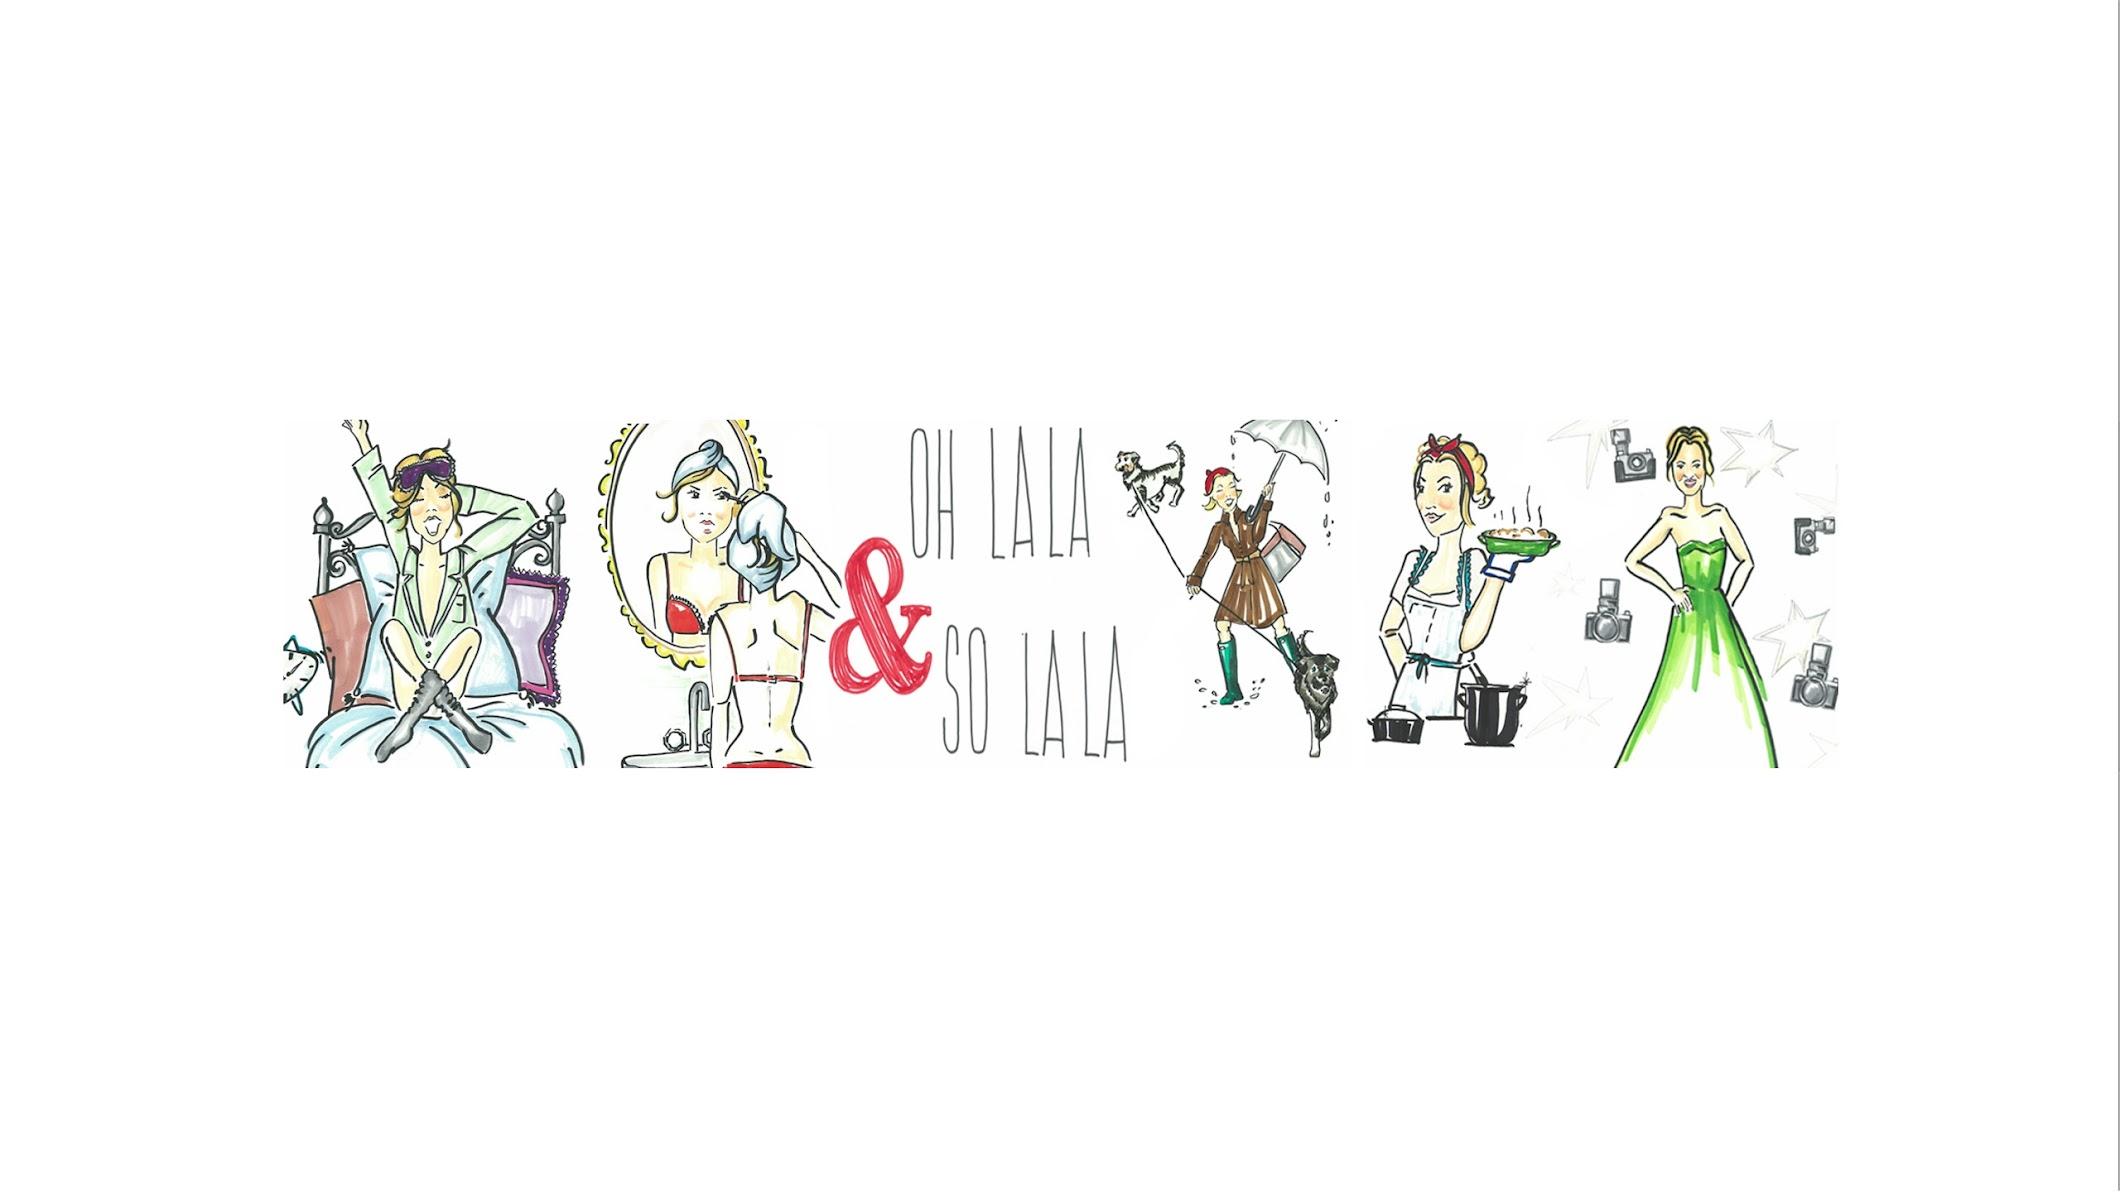 Ohlala & Solala - nachhaltig & gesund